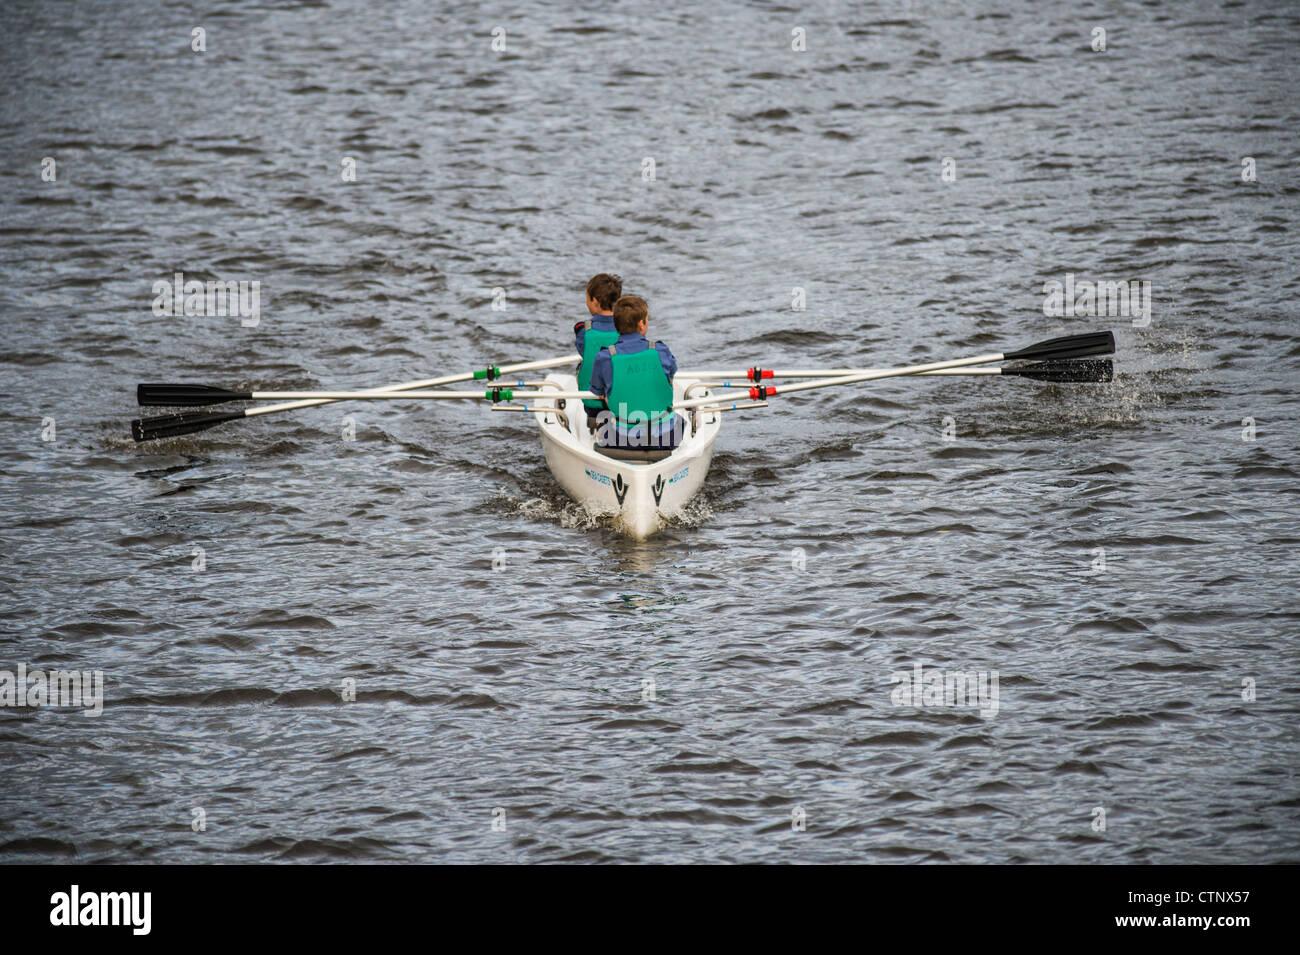 Cadets de la marine dans un bateau à rames sur la rivière du Pays de Galles, Aberystwyth Rheidol UK Photo Stock